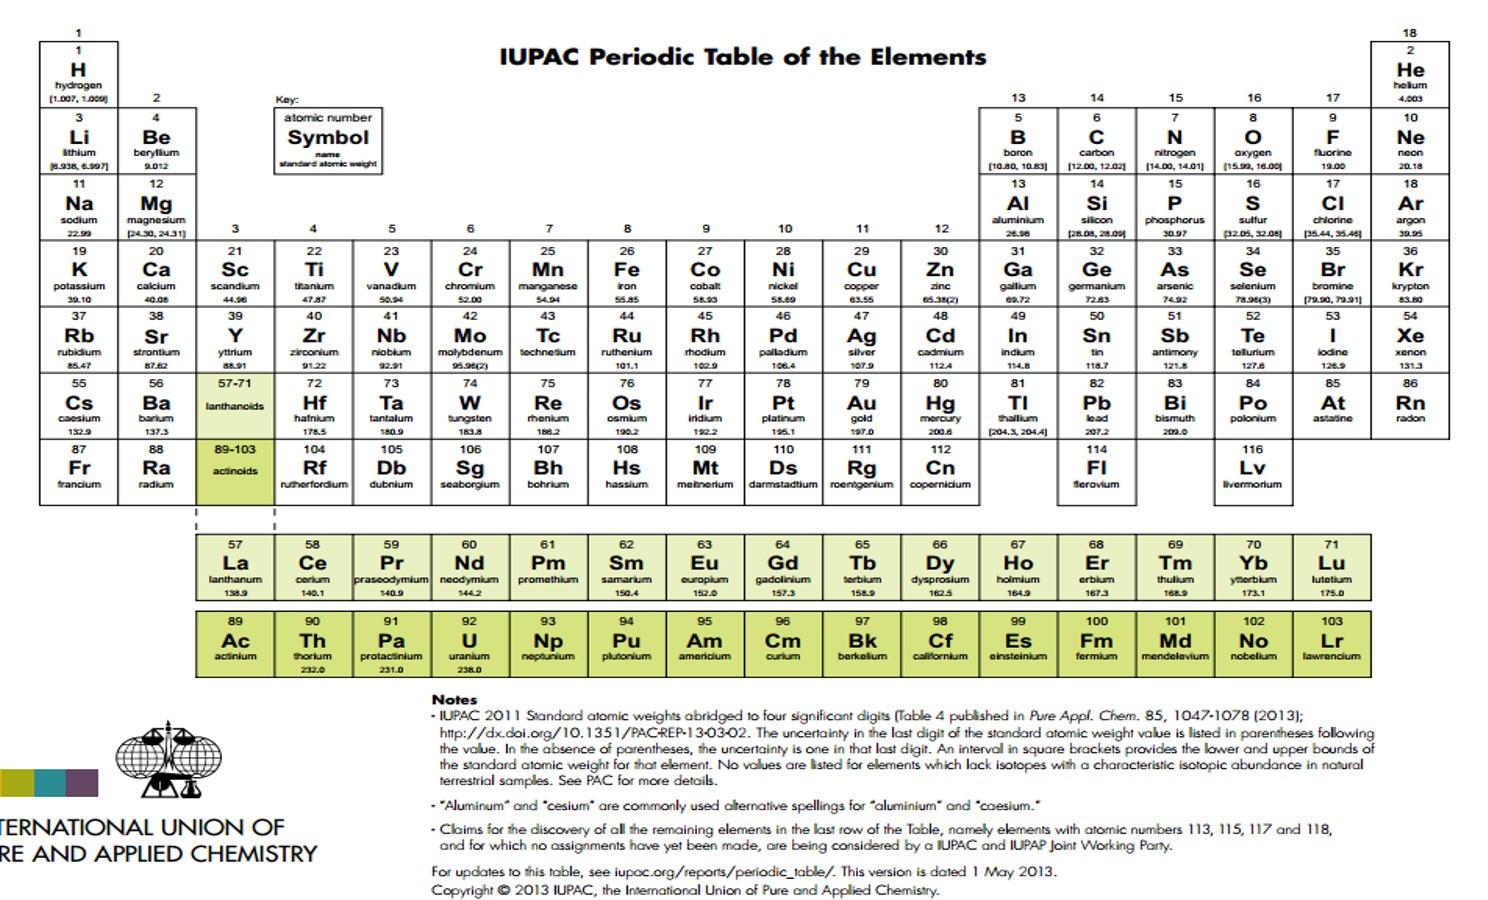 Aprender a ensear qumica tabla peridica de los elementos tabla peridica de los elementos qumicos iupac urtaz Gallery